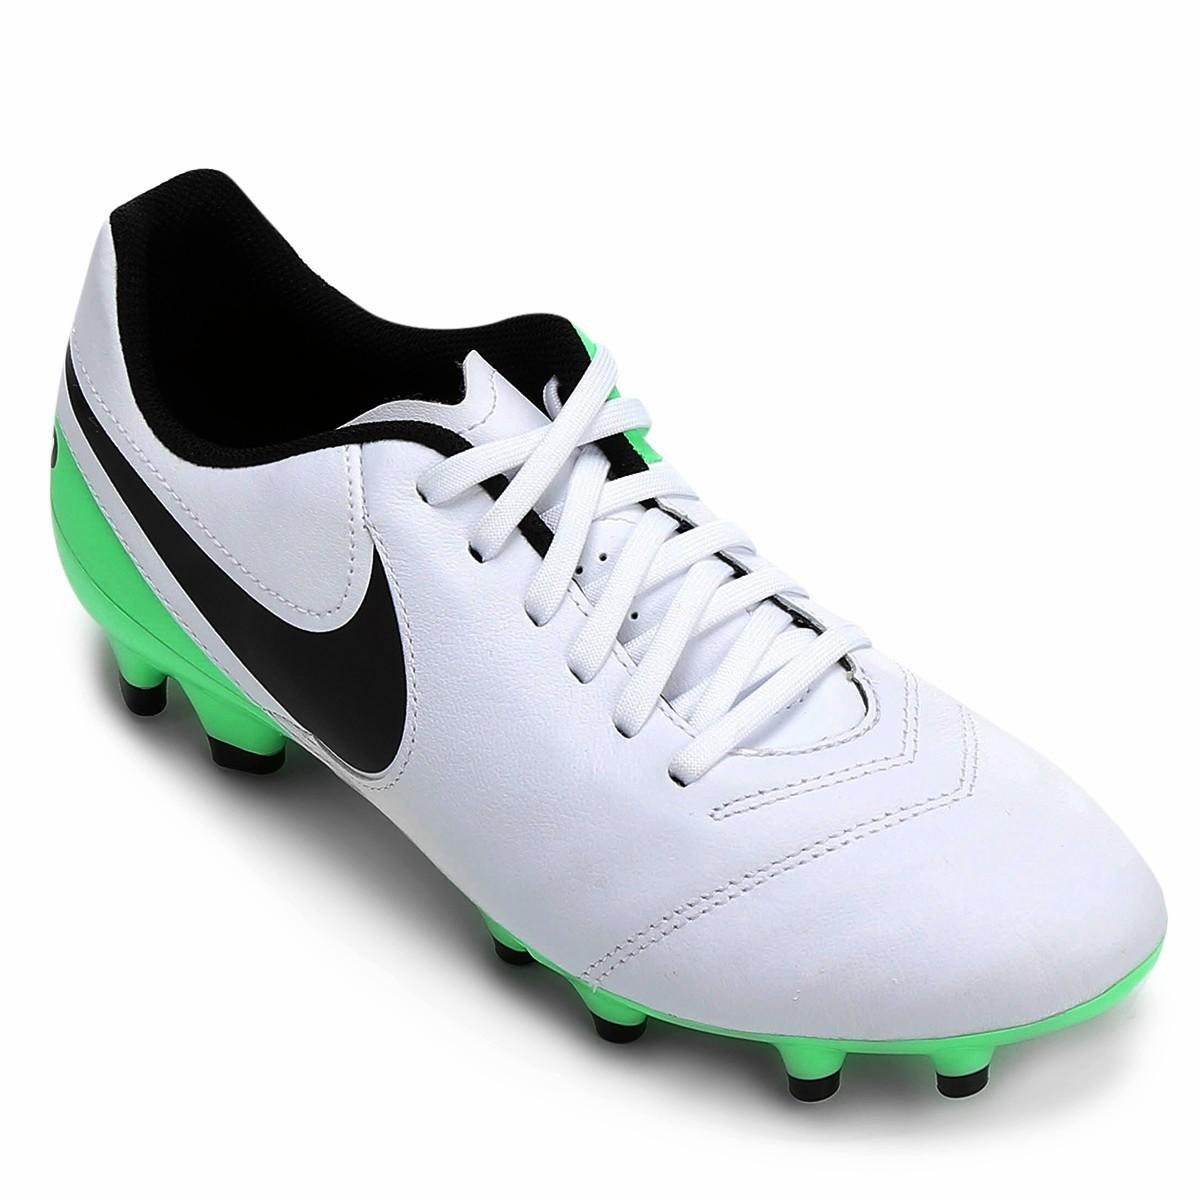 d018ef2575d66 Amplie a imagem. Chuteira Tiempo Genio II Leather FG Nike  Chuteira Tiempo  Genio II Leather FG Nike 2 ...